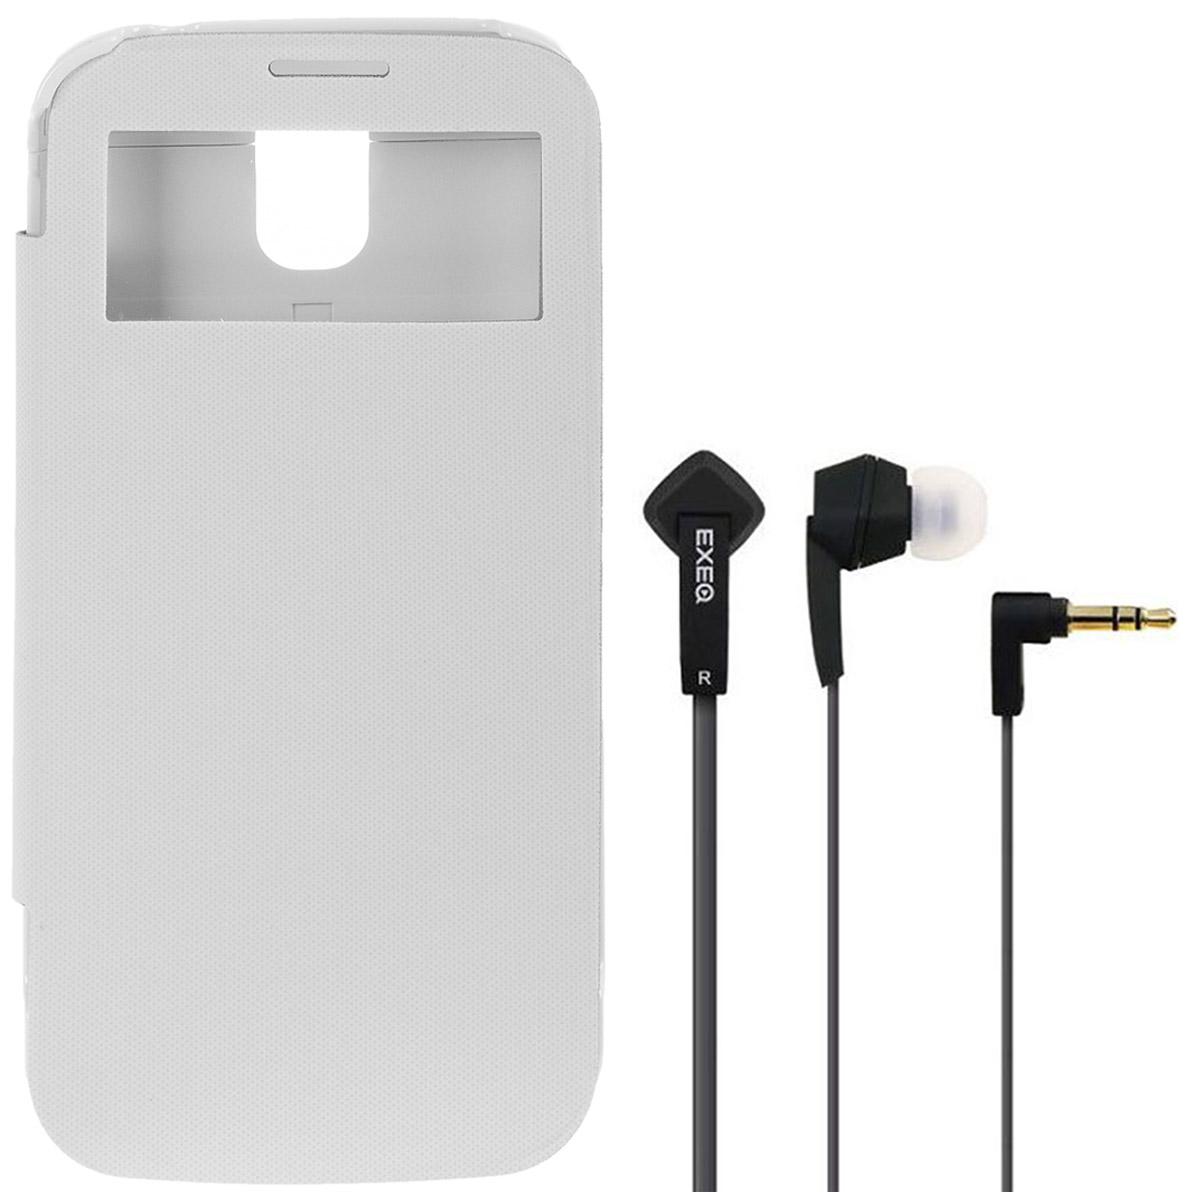 EXEQ HelpinG-SF07 чехол-аккумулятор для Samsung Galaxy S4, White (2600 мАч, Smart cover, флип-кейс)HelpinG-SF07 WHExeq HelpinG-SF07 - надежный аксессуар для Samsung Galaxy S4, удачно сочетающий в себе защитный пластиковый чехол и дополнительный аккумулятор! Exeq HelpinG-SF07 оборудован встроенным аккумулятором, который позволит повысить работоспособность Вашего смартфона практически вдвое. Специальная конструкция и лаконичный дизайн Exeq HelpinG-SF07 обеспечат надежную защиту смартфона от царапин, острых предметов и прочих внешних воздействий. А для защиты дисплея чехол оснащен не простой откидной крышкой, а Smart-cover - она не только надежно защитит дисплей от загрязнений, пыли и царапин, но позволит регулировать работу экрана. Компактные размеры чехла позволят удобно и быстро поместить смартфон в чехол, а также совсем незначительно увеличат размеры и вес самого смартфона. Exeq HelpinG- SF07 станет просто великолепным аксессуаром для активных пользователей Samsung Galaxy S4, а также для тех, кто много времени проводит в дороге или собирается на отдых. ...